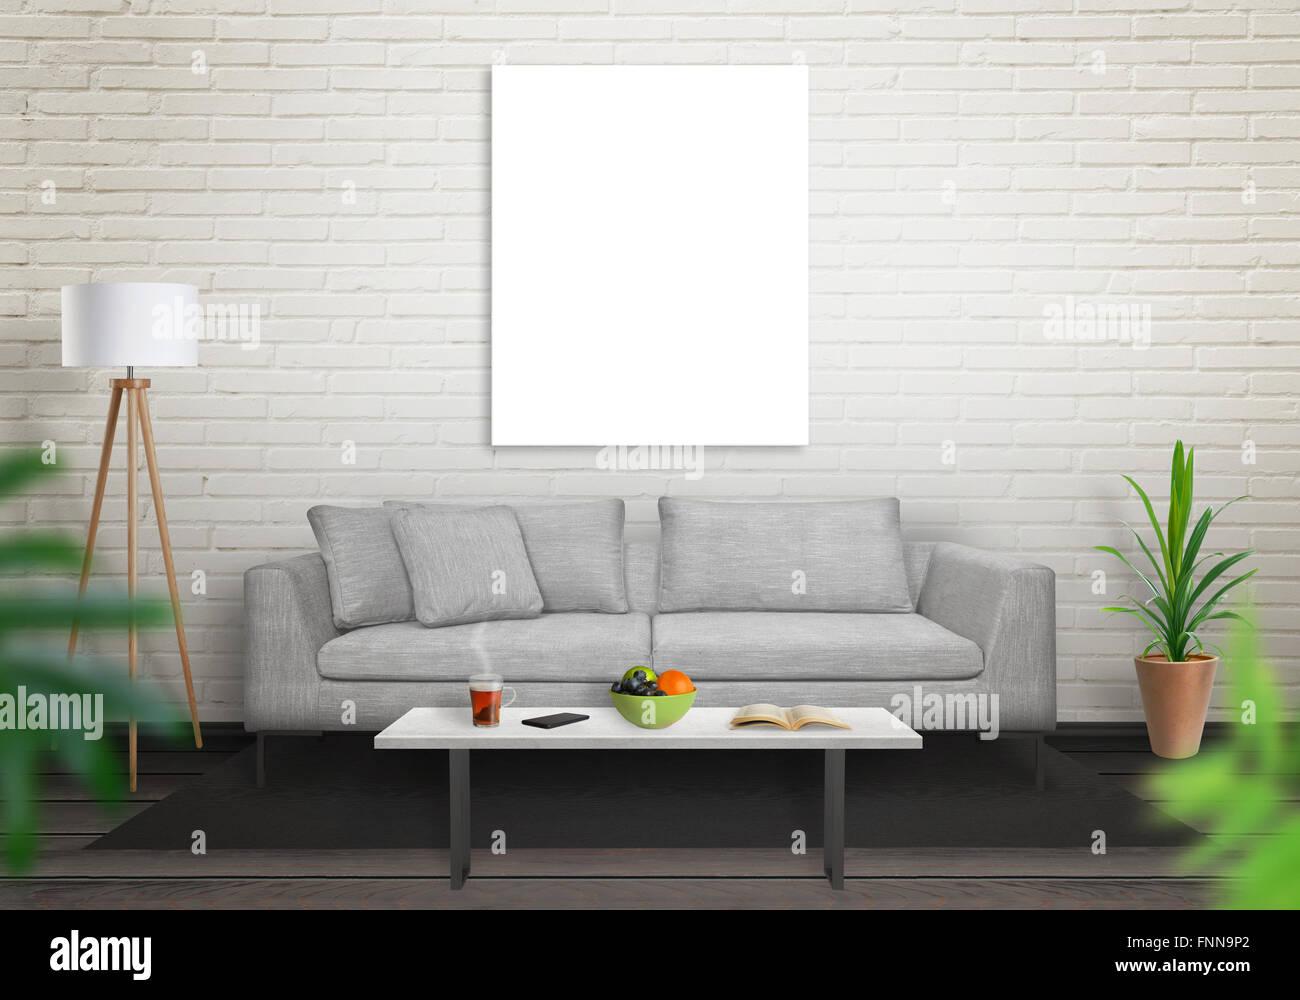 Divano Letto Bianco E Nero : Divano divano angolare bianco divano letto angolare pelle bianco